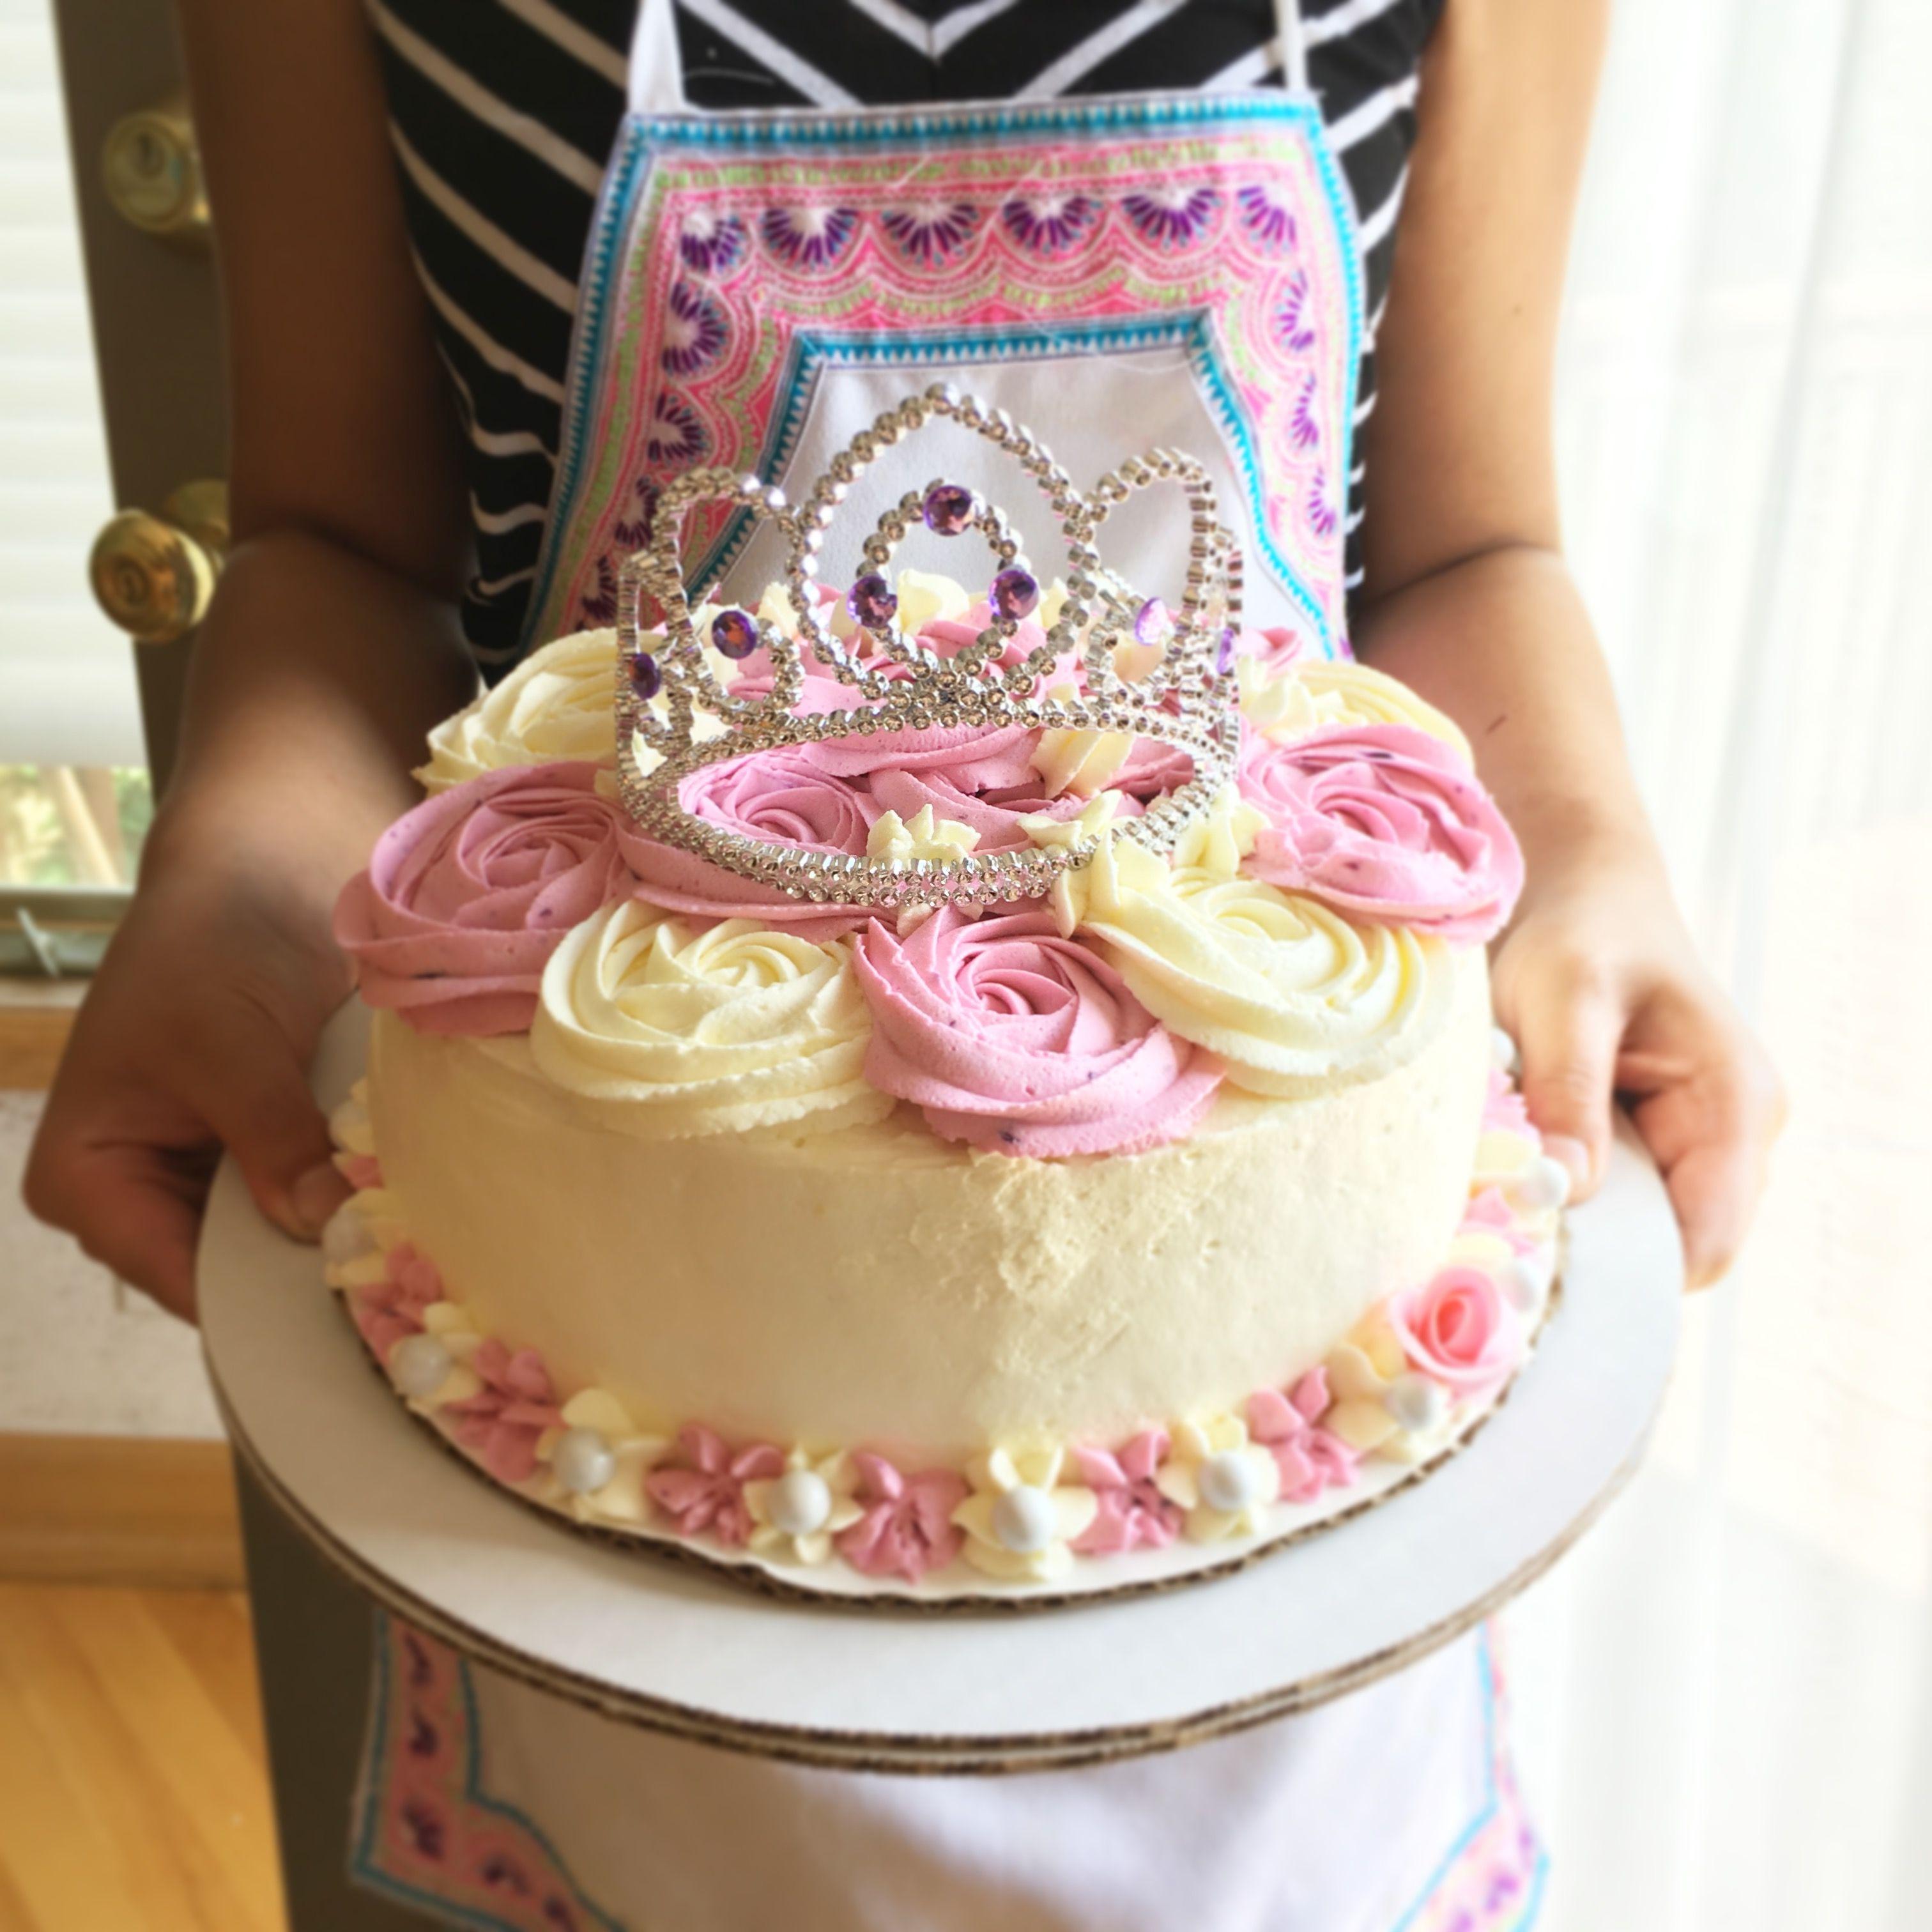 Fillings for sponge cakes for wedding